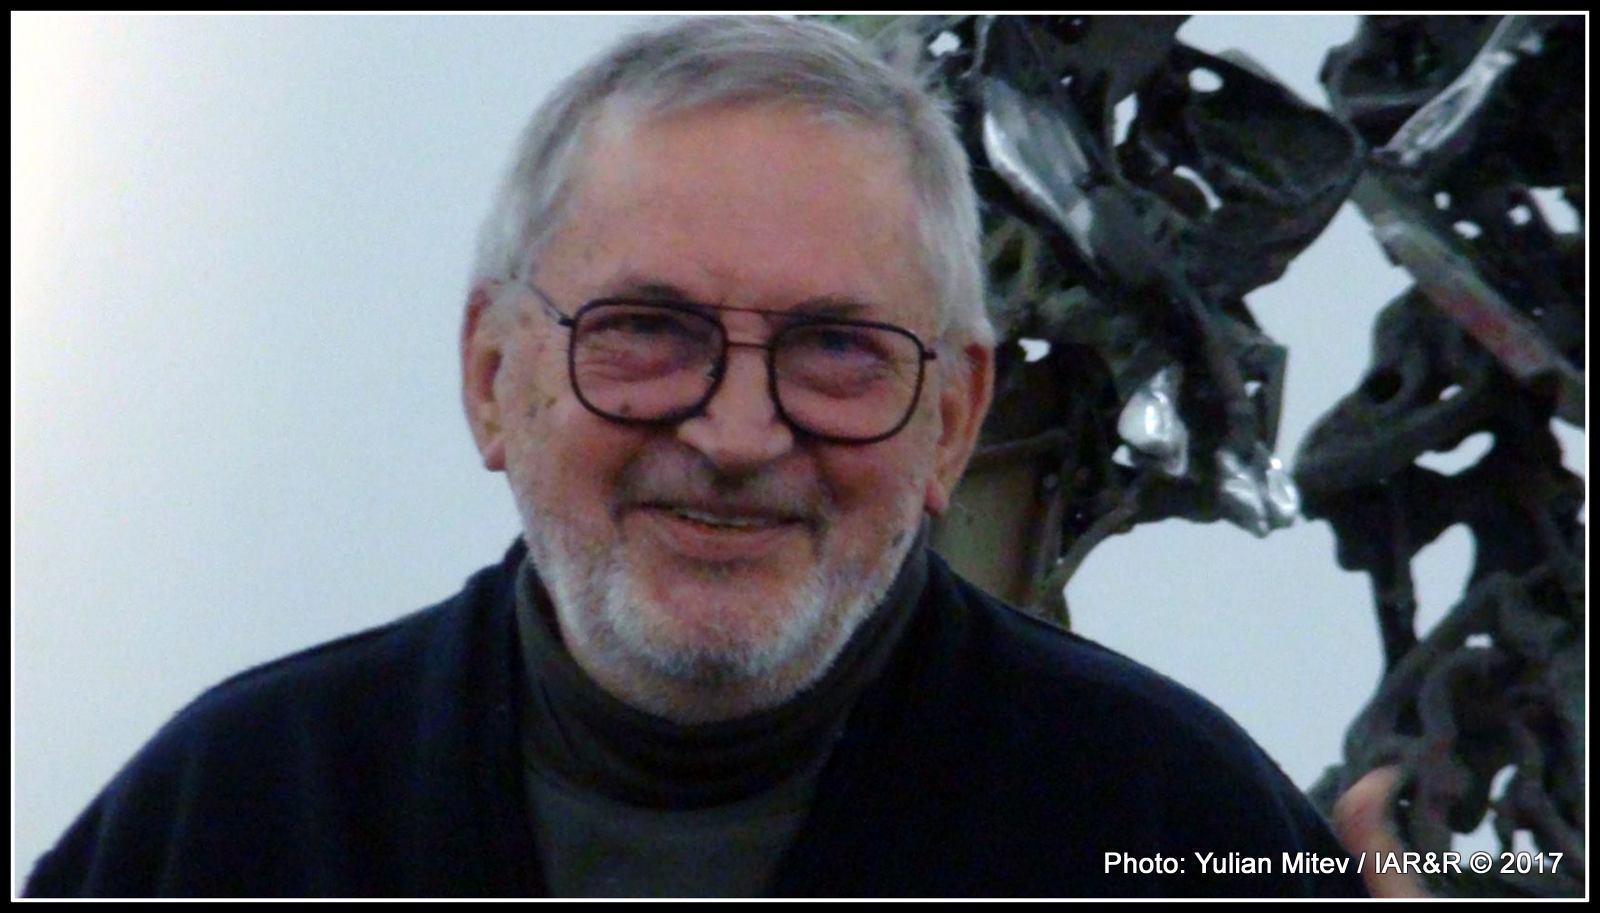 Извънстудиен портрет на скулптора Крум Дамянов, направен по време на откриване на неговата юбилейна изложба